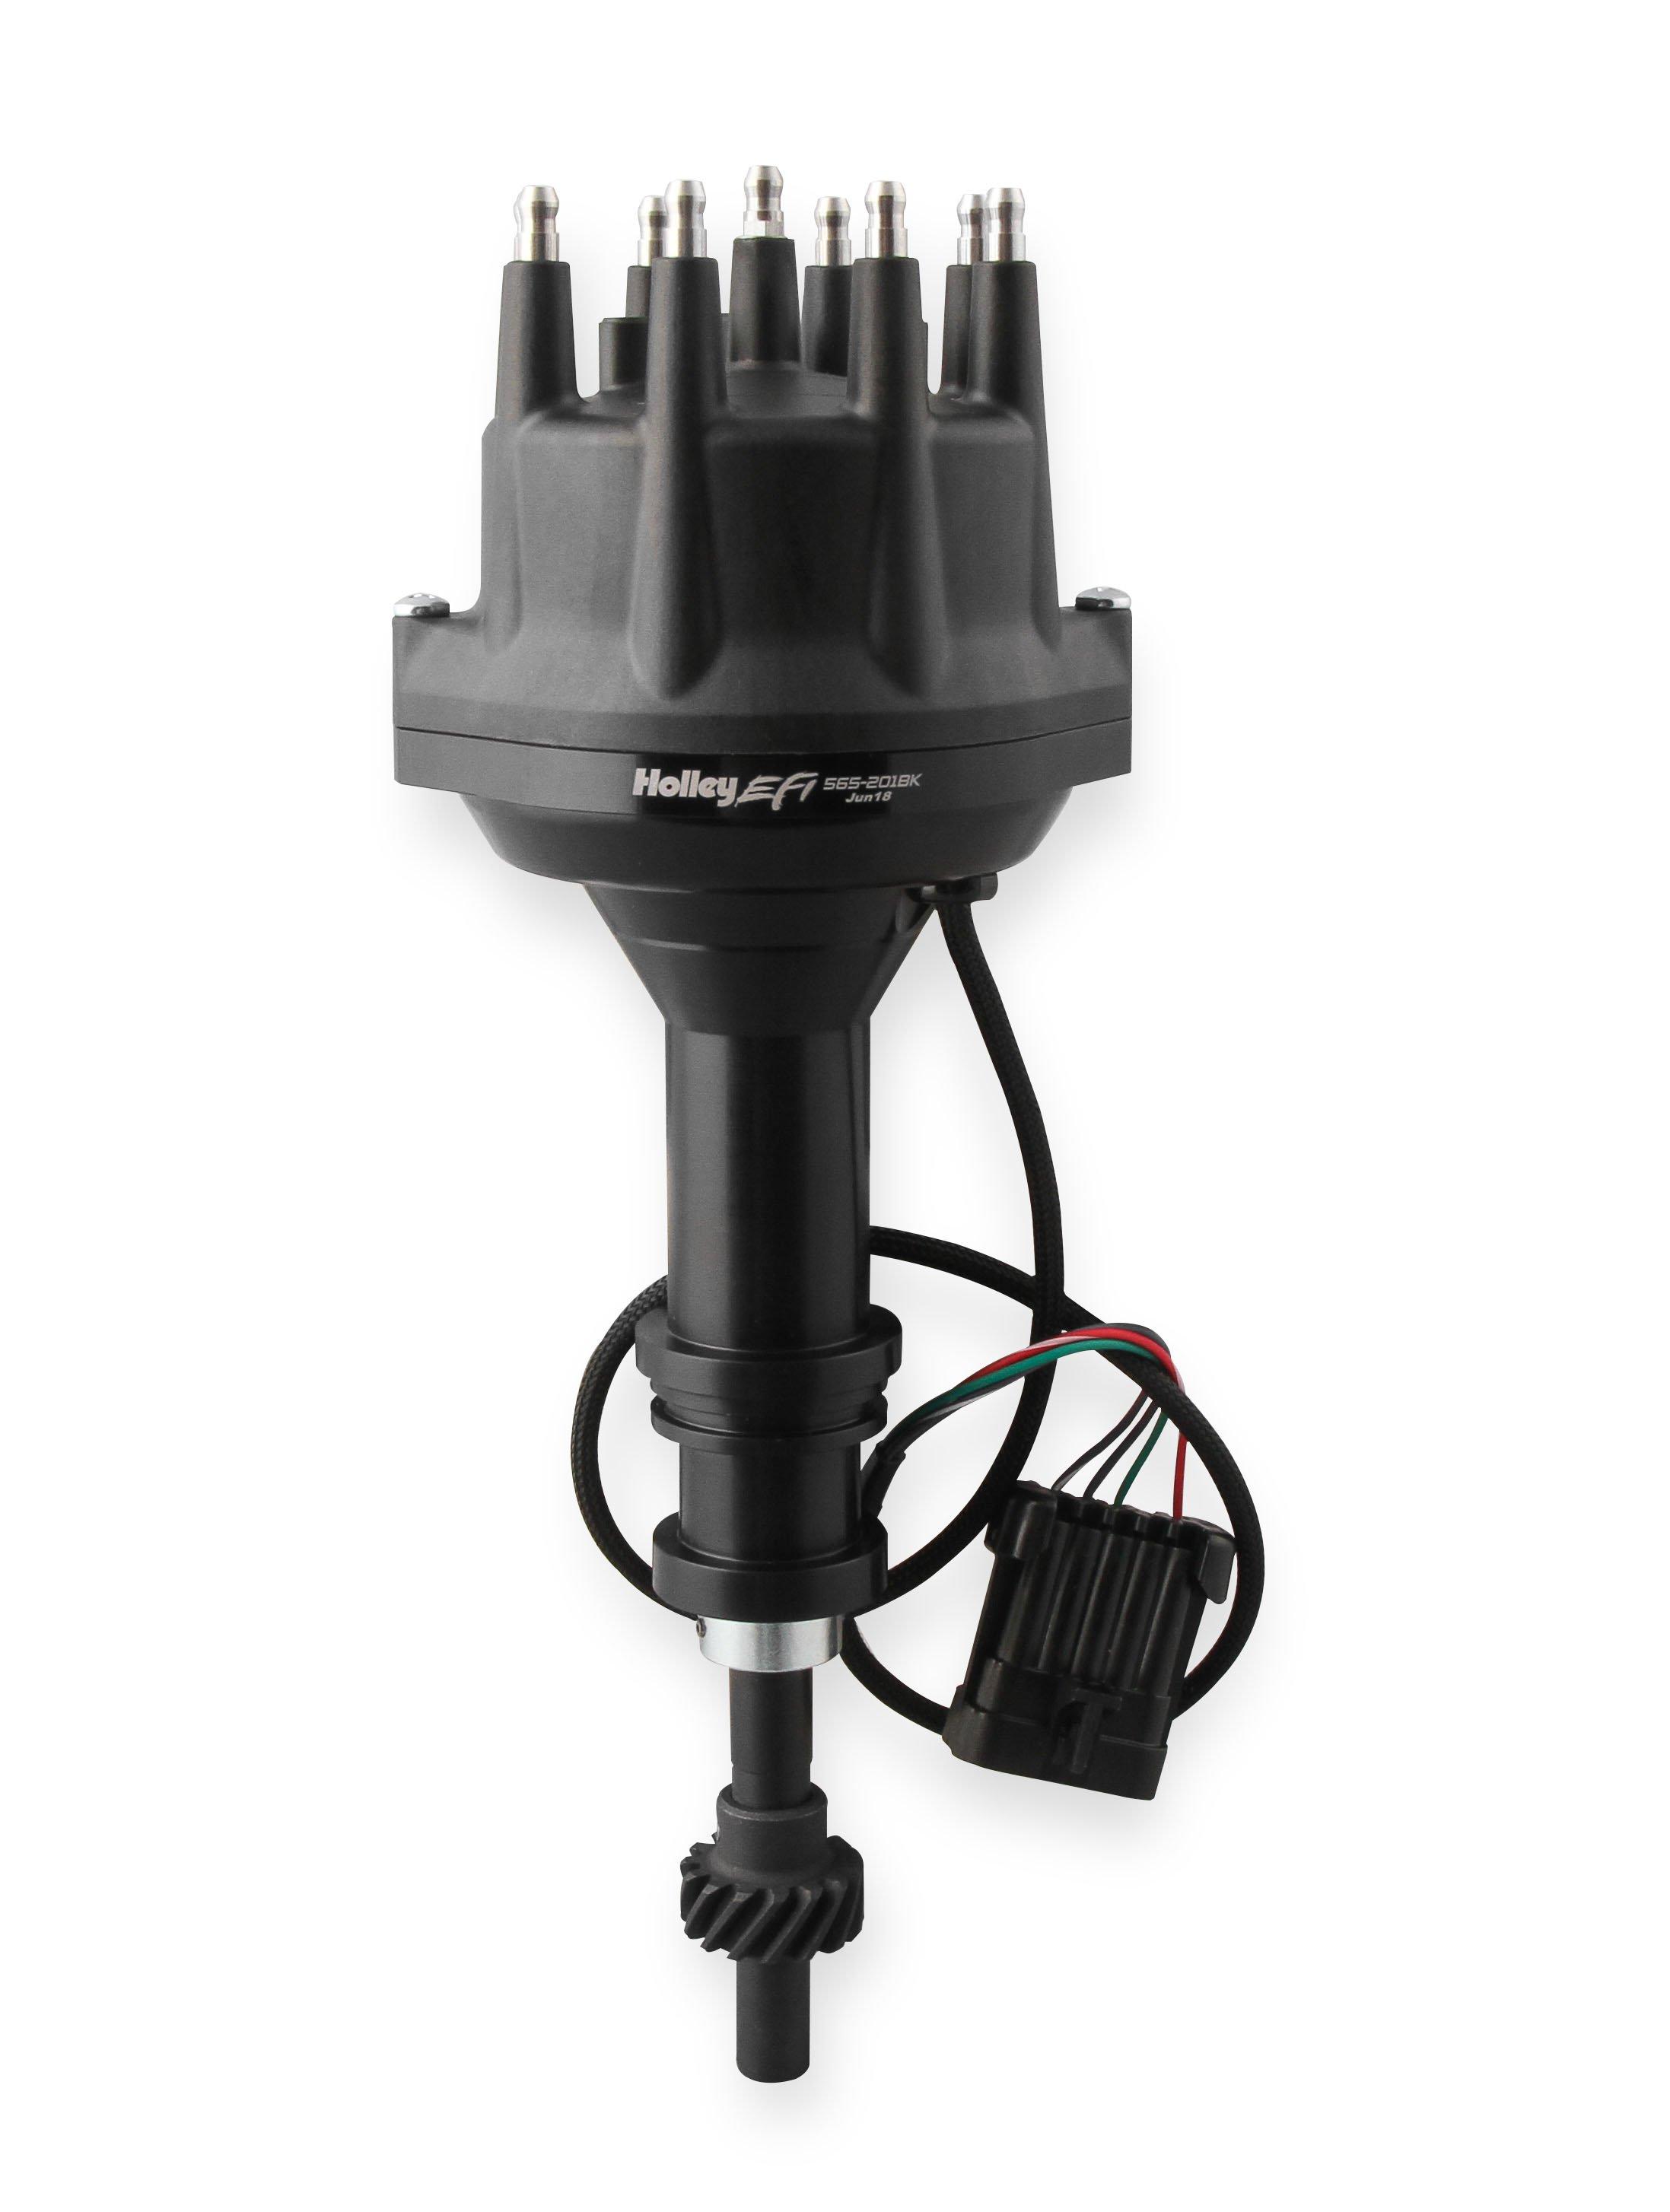 Holley EFI Dual Sync Ford 351W Distributor, Black